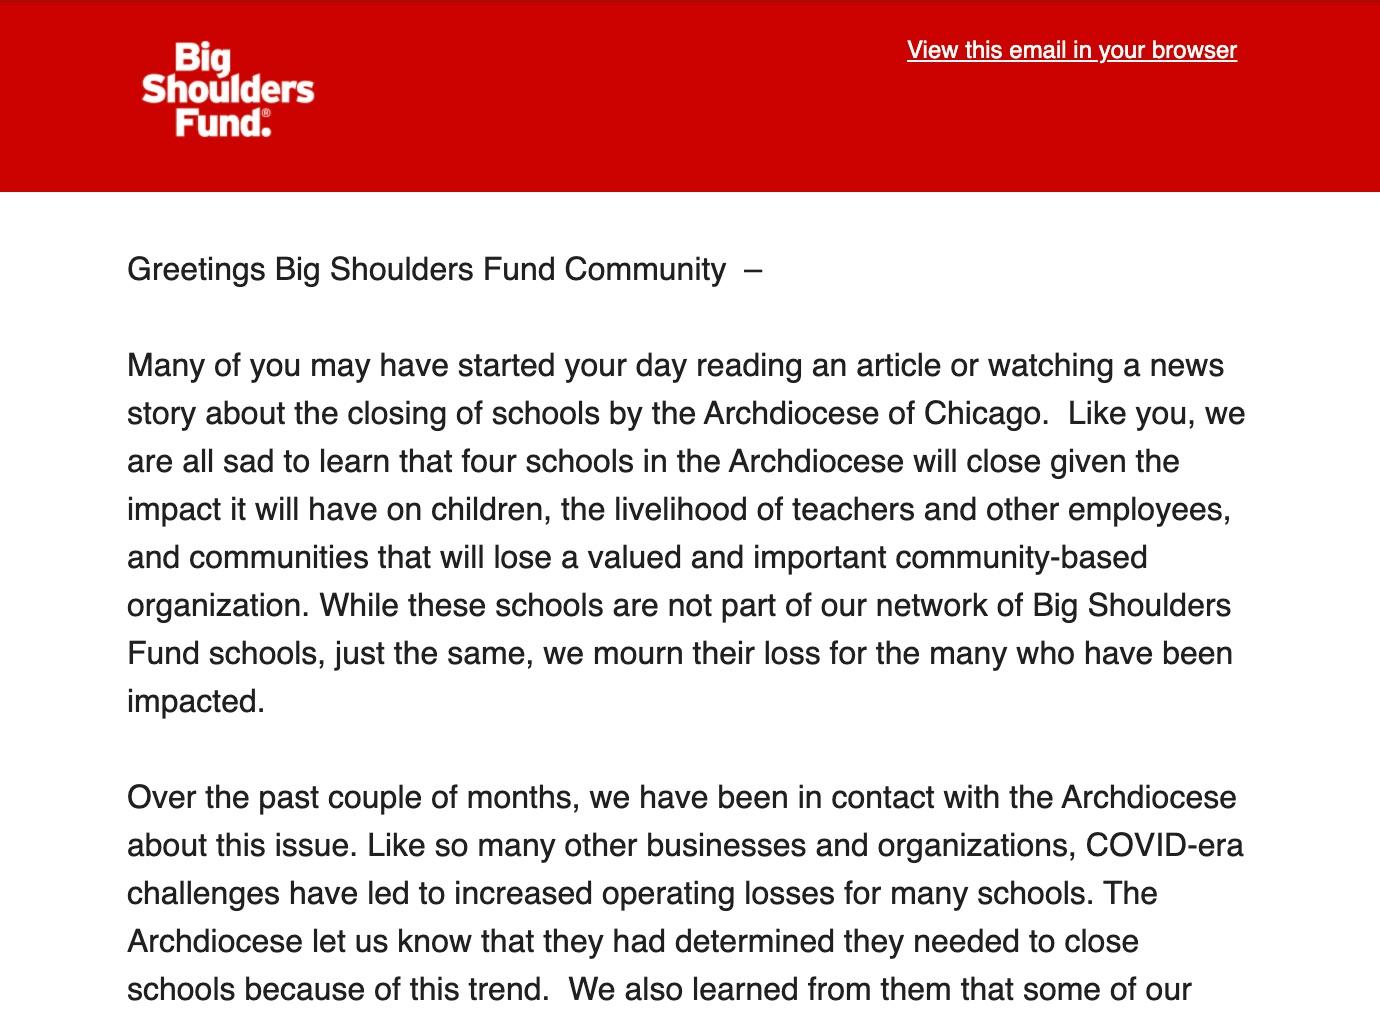 Big shoulders fund email newsletter